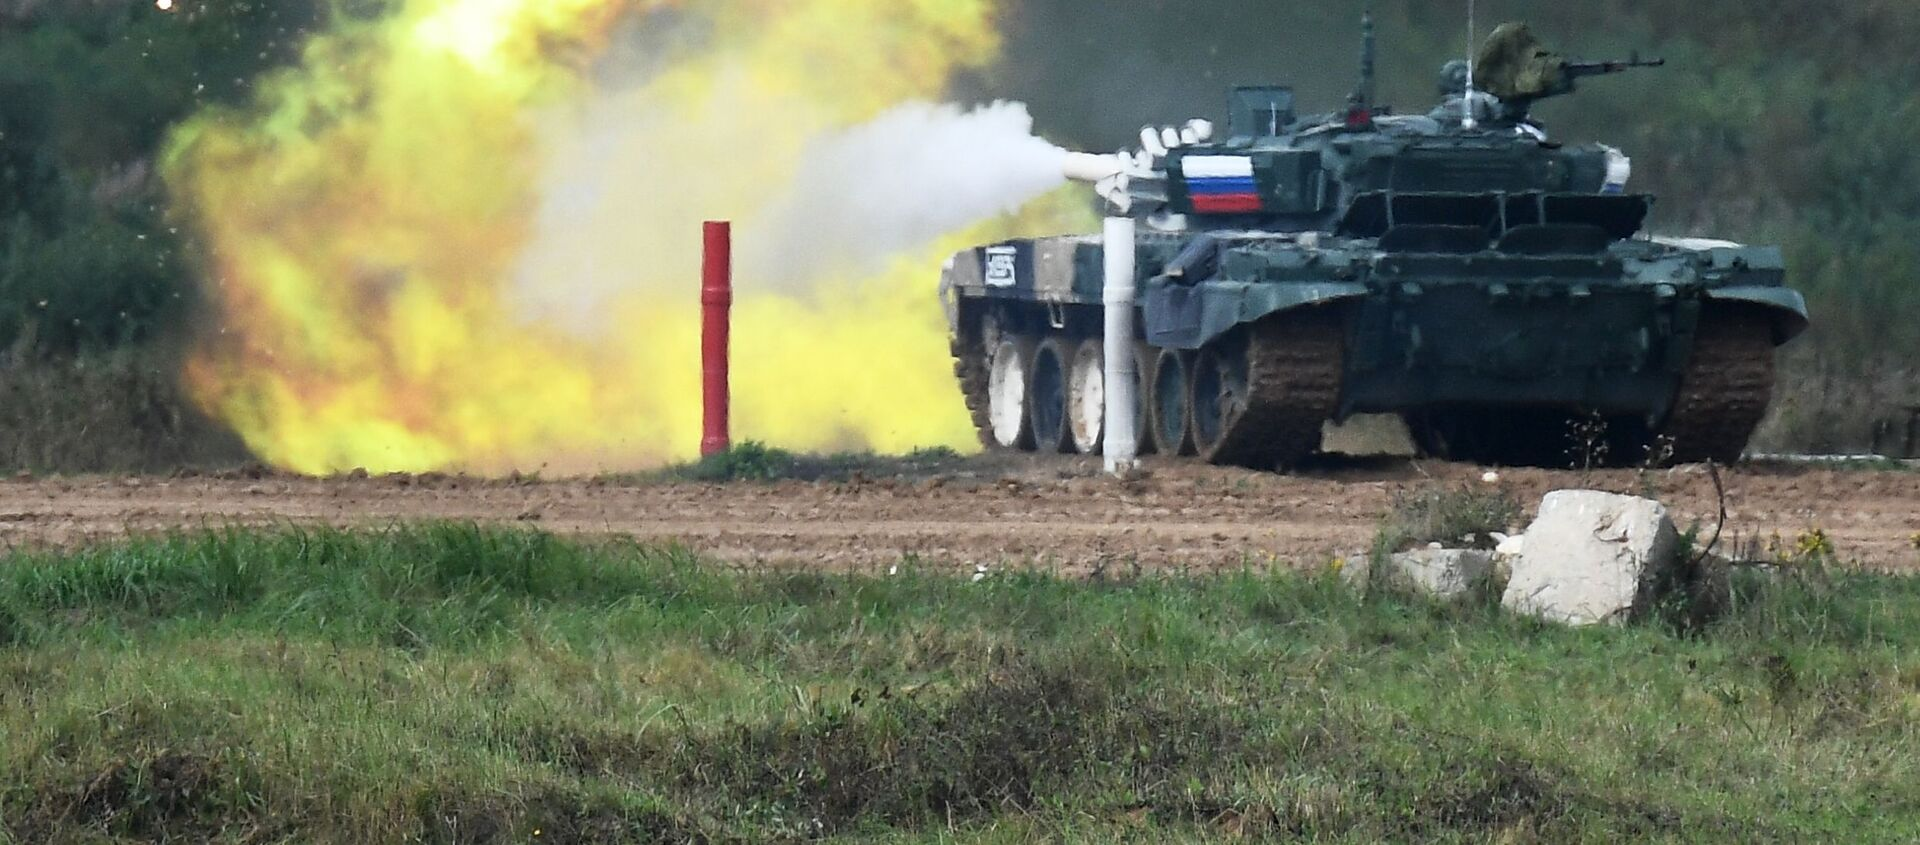 Танк Т-72Б3 команды военнослужащих России во время соревнований танковых экипажей в рамках конкурса Танковый биатлон-2021  - Sputnik Аҧсны, 1920, 25.08.2021